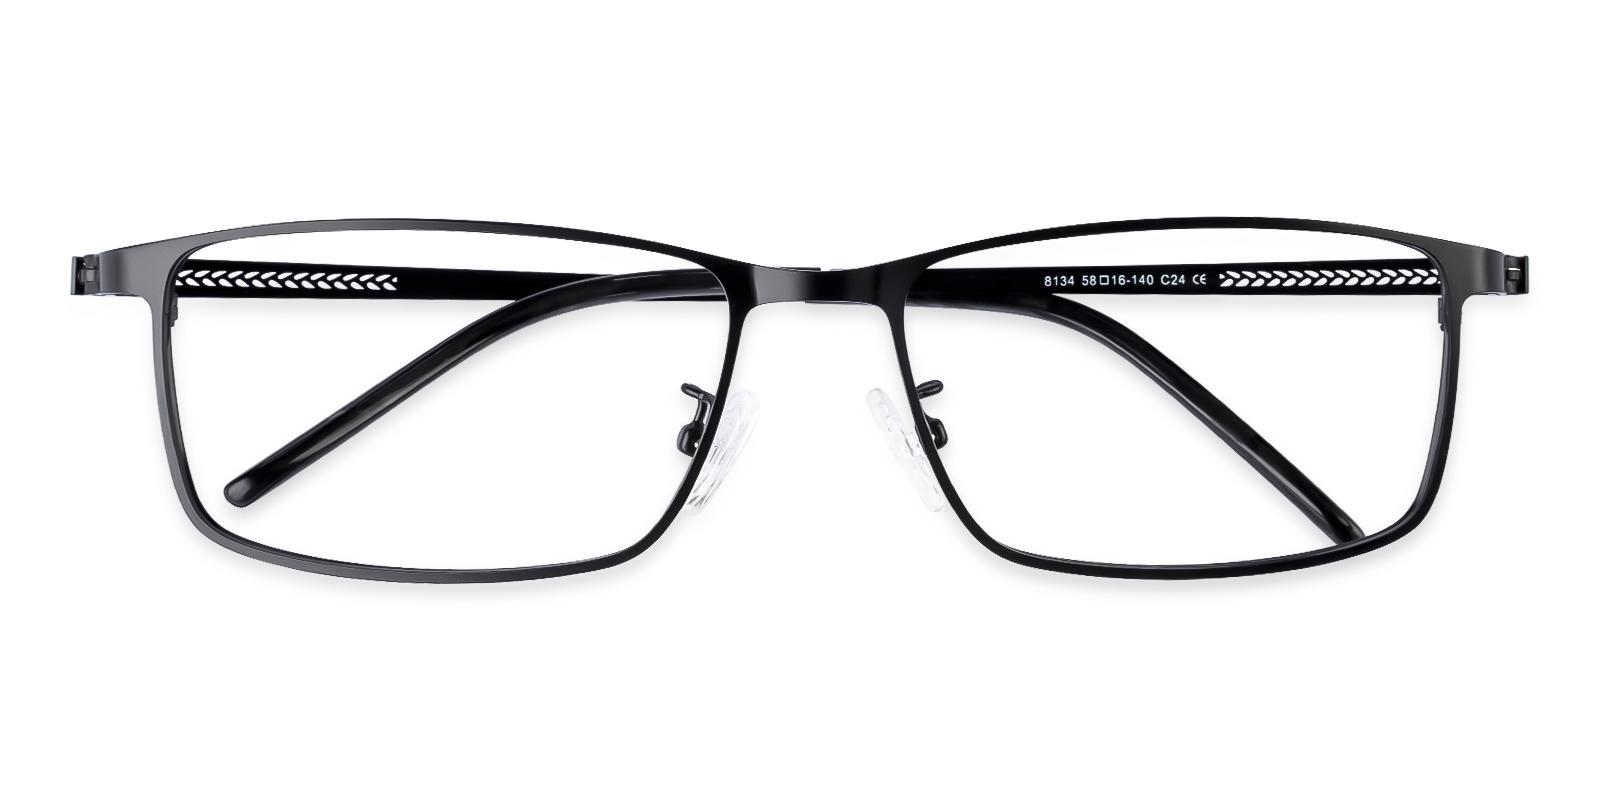 Daniel Black Metal Eyeglasses , NosePads Frames from ABBE Glasses